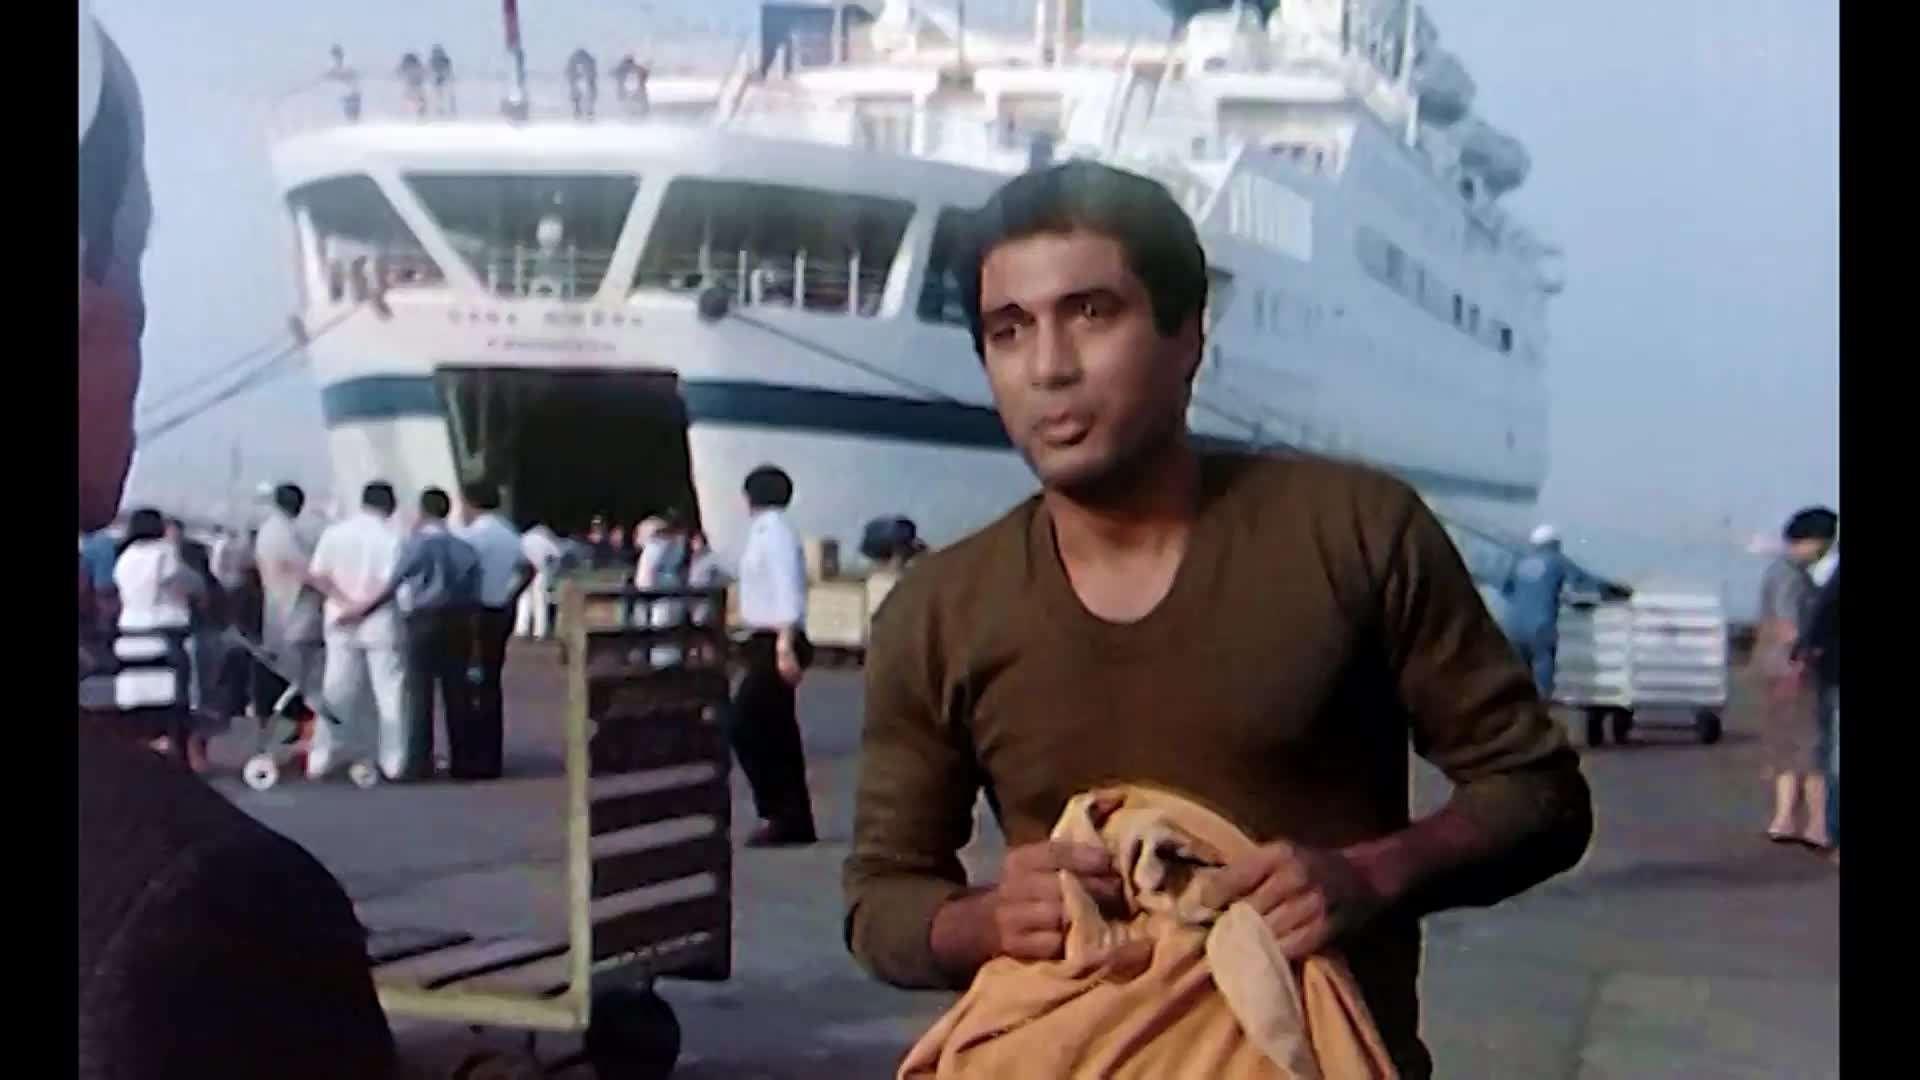 [فيلم][تورنت][تحميل][النمر الأسود][1984][1080p][Web-DL] 5 arabp2p.com